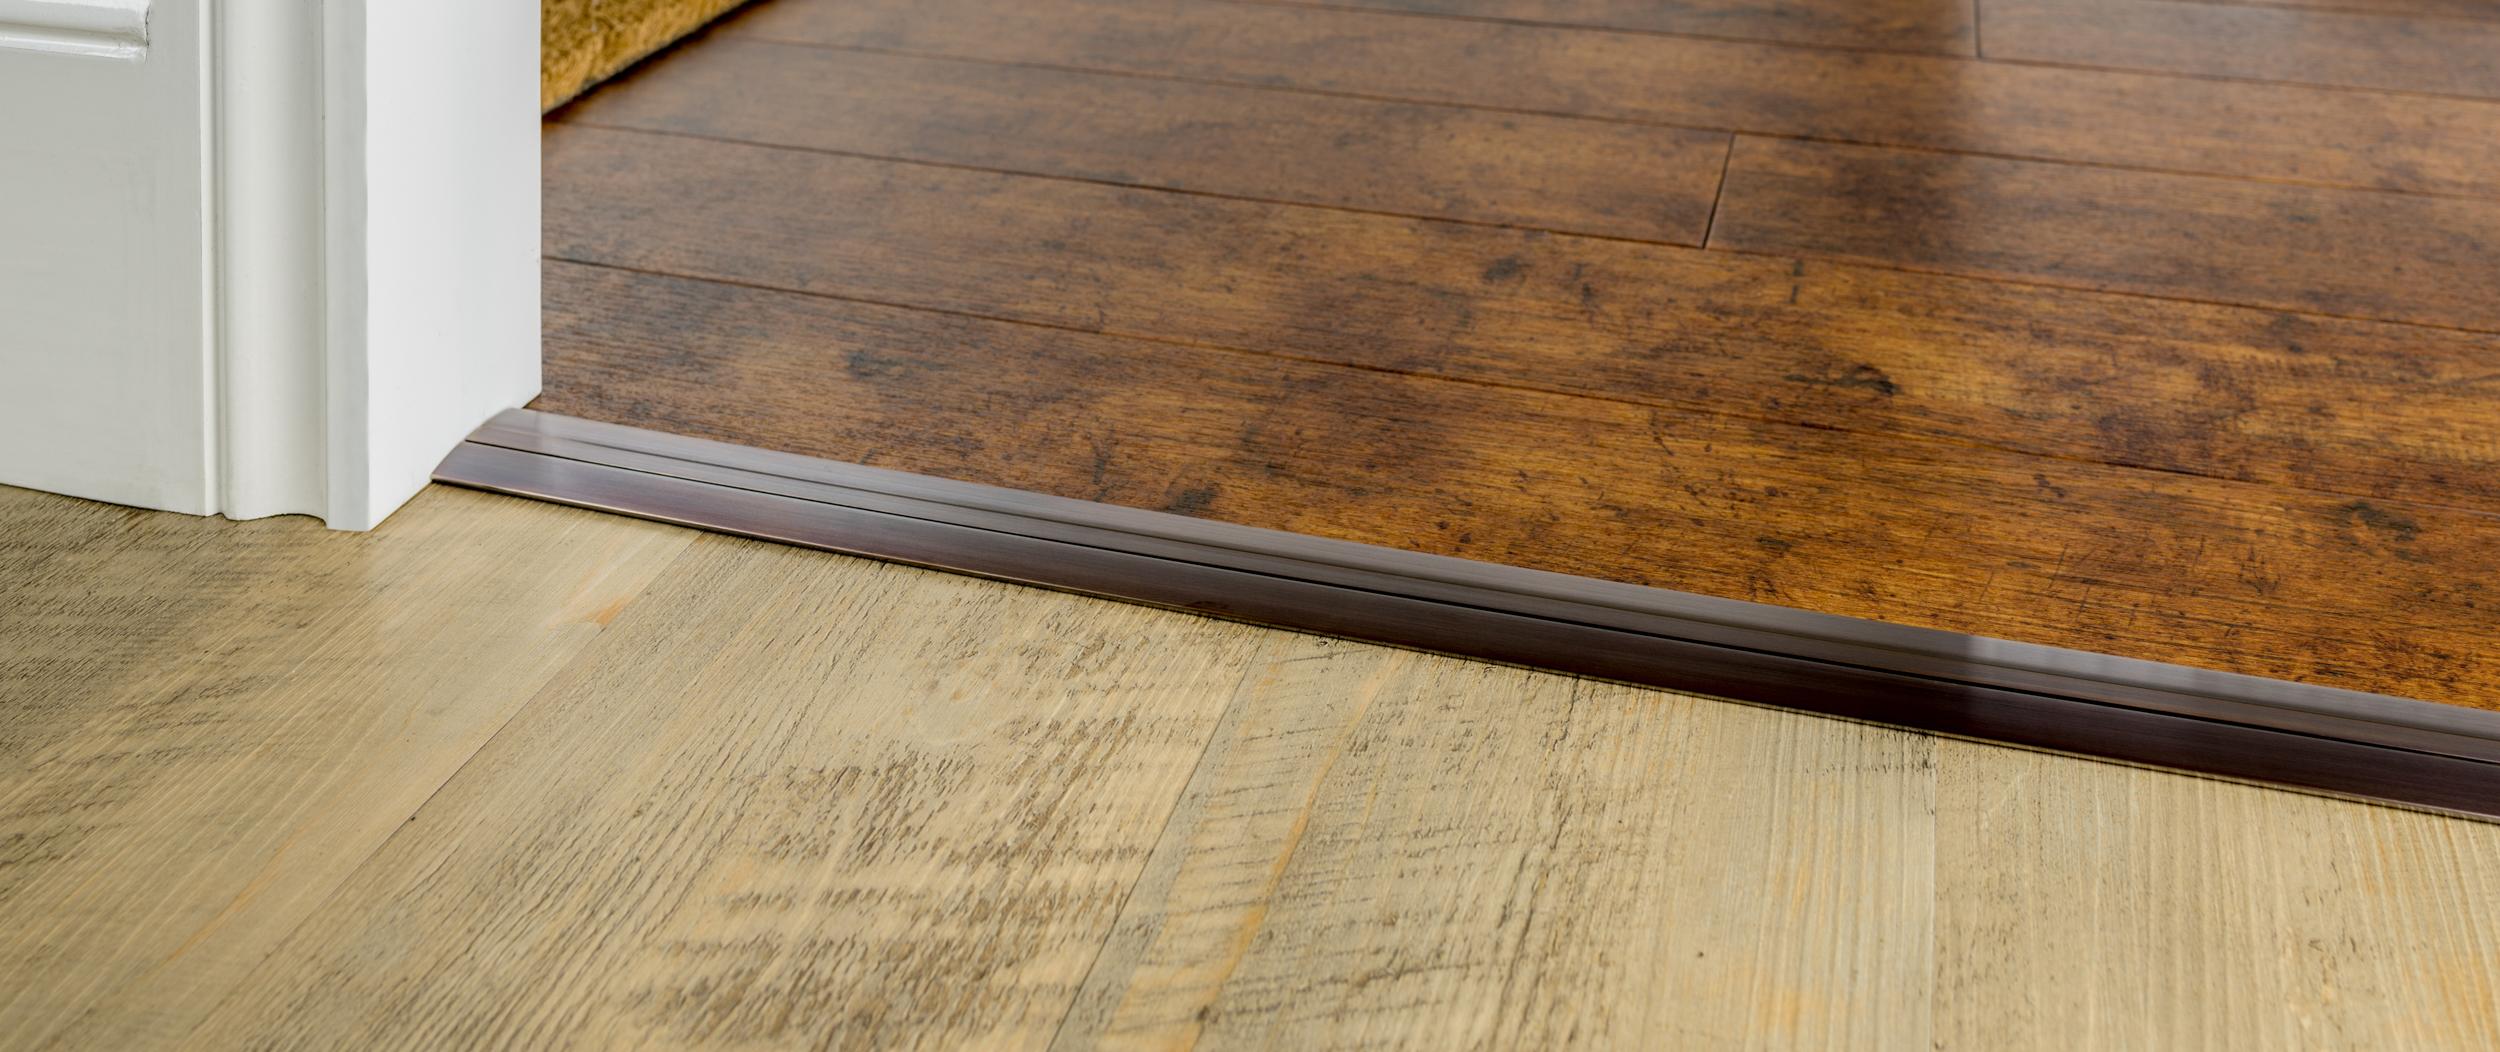 stairrods-bronze-posh38-hth.jpg